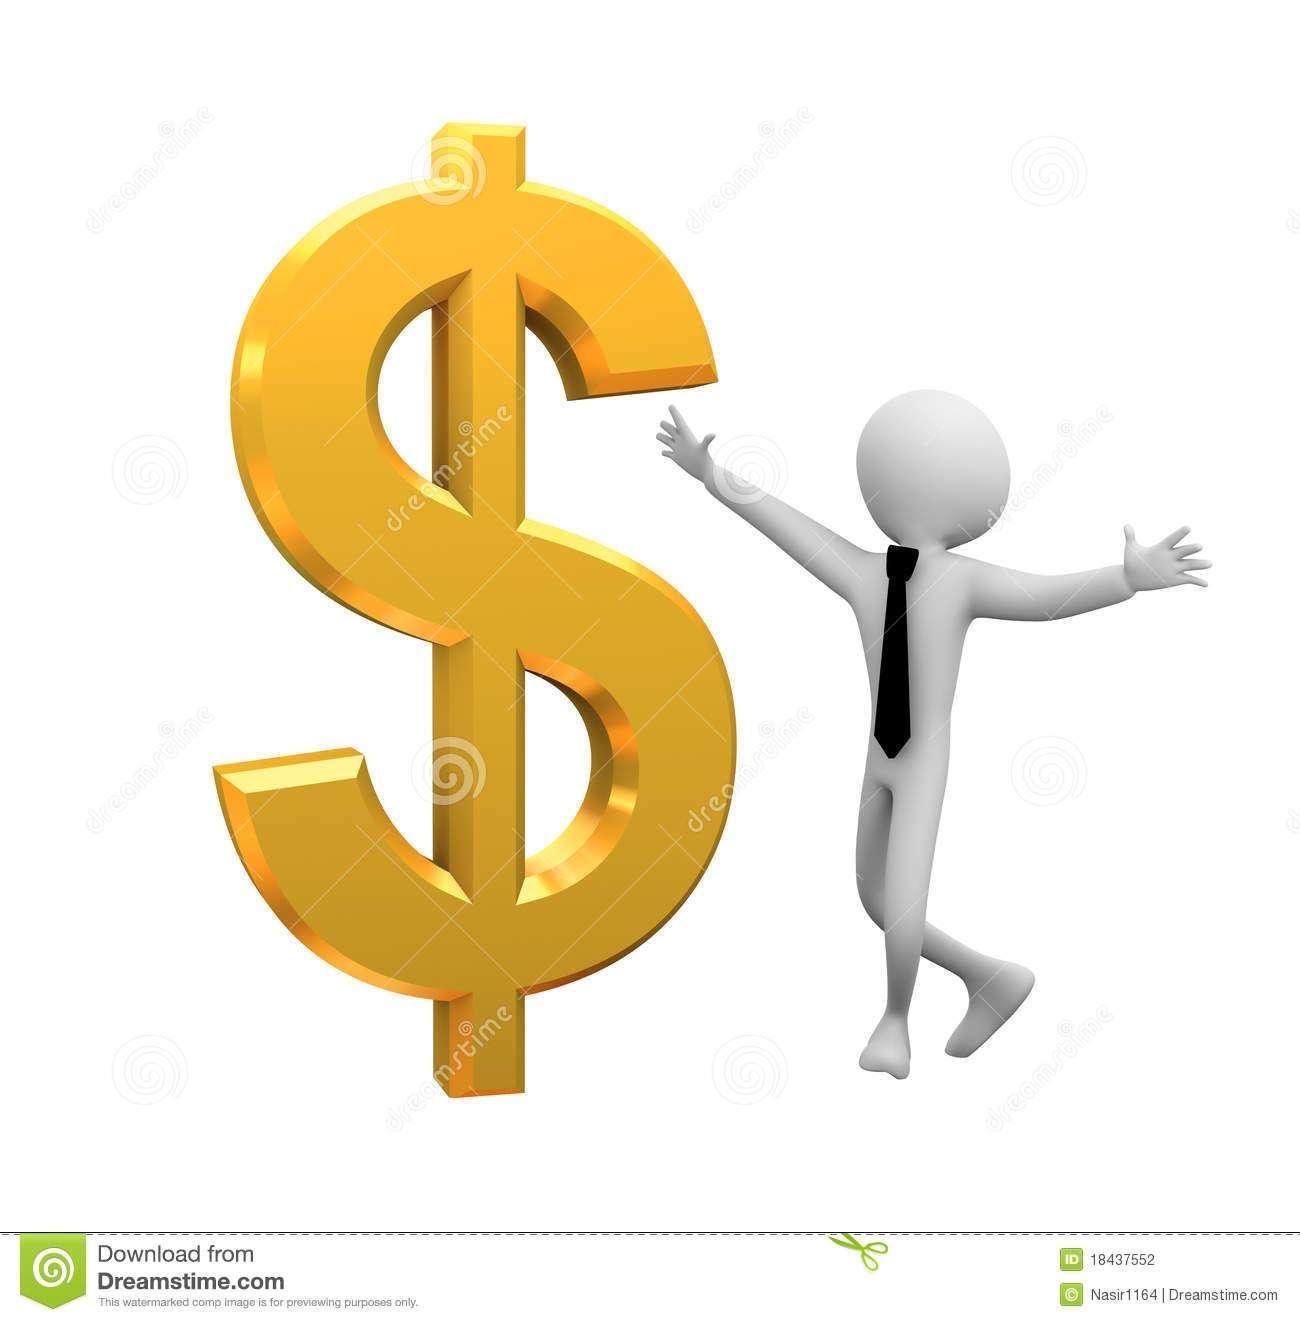 ارتباط سريع للعملاء لدفع ثمن ثمن إضافي مثل الأحذية بصندوق shoeslaces DHL EMS رسوم اضافية في newbasketball متجر على الانترنت